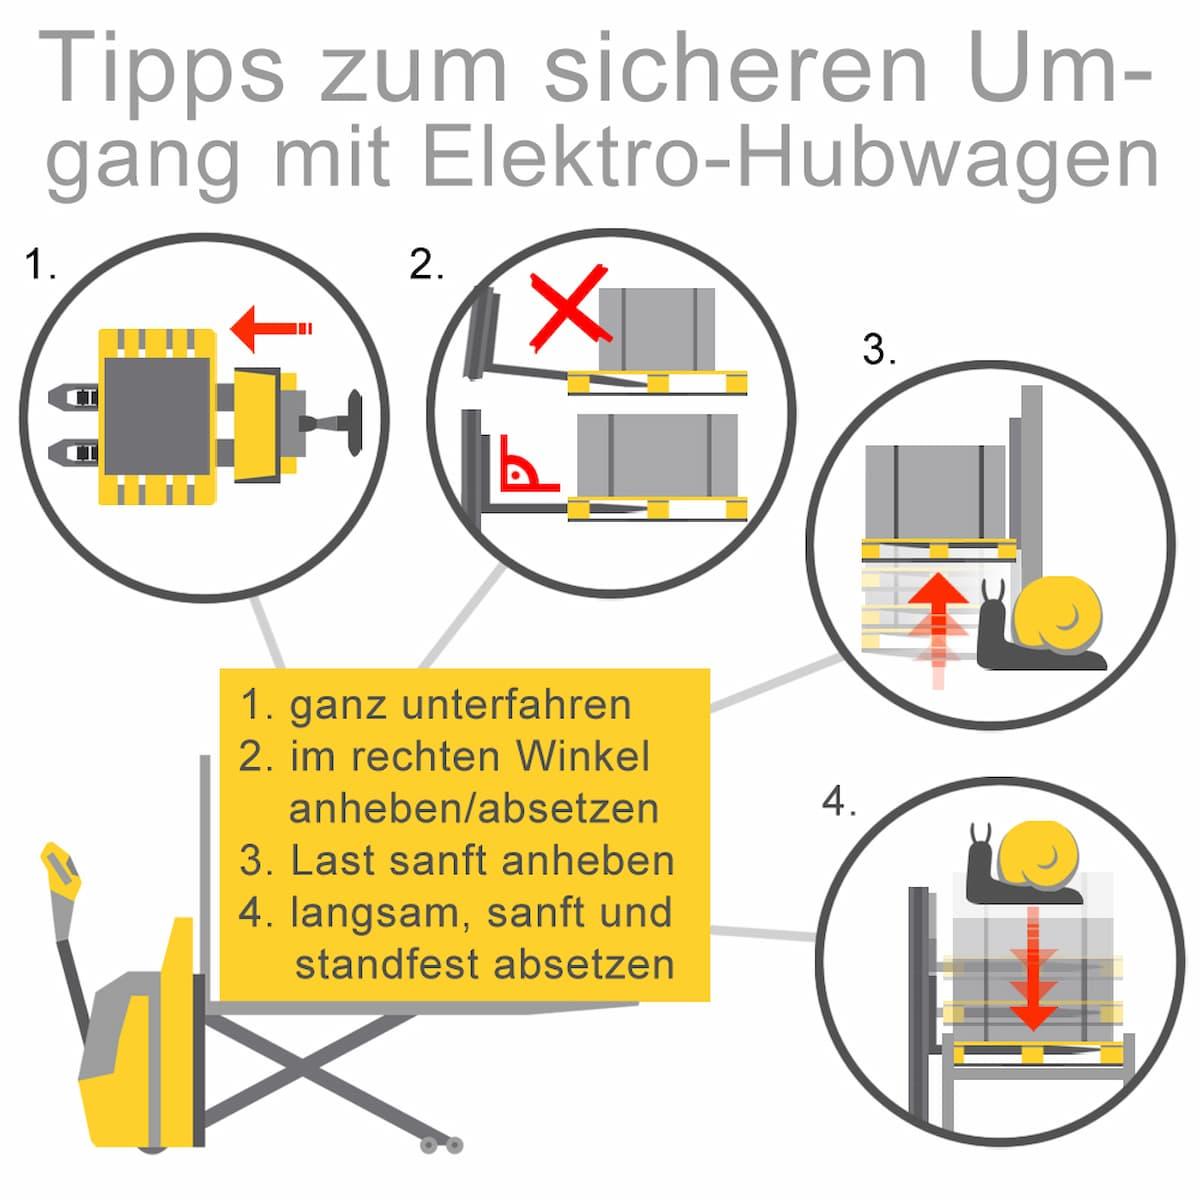 Tipps zum sicheren Umgang mit Elektro-Hubwagen